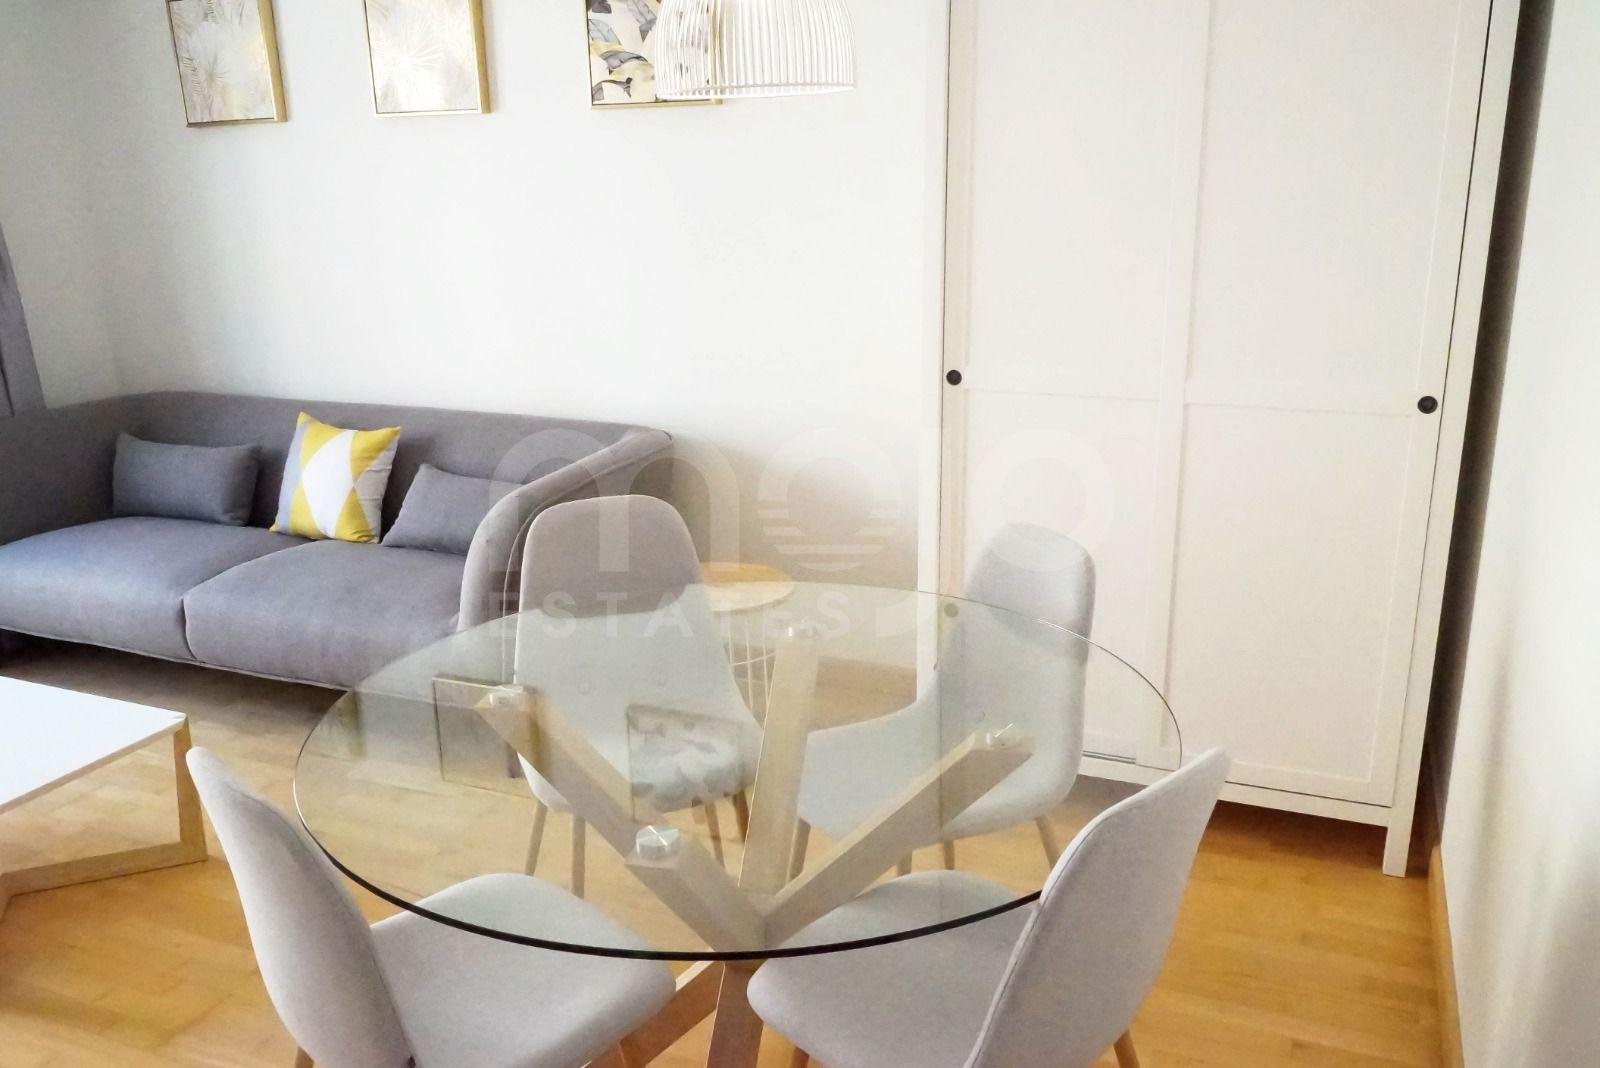 Appartement begane grond te koop in El Molinillo - Capuchinos, Malaga - Centro